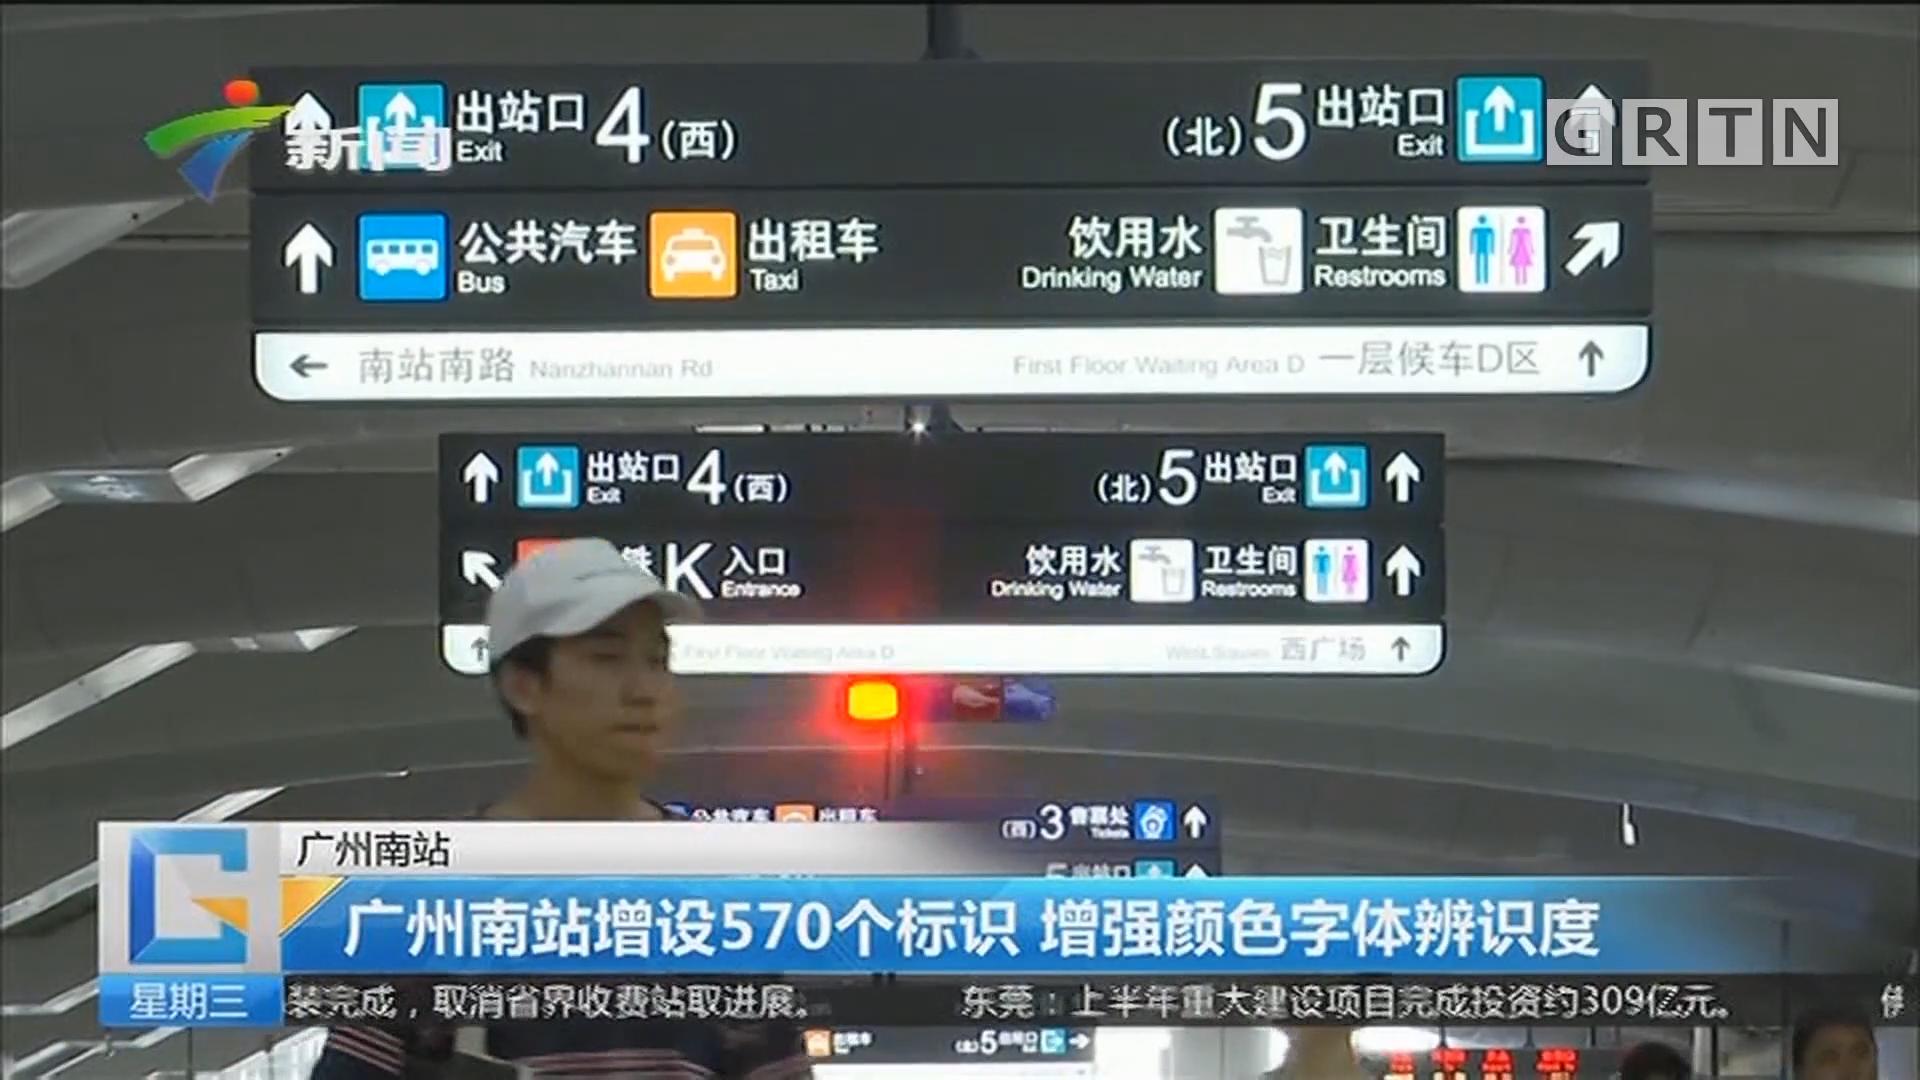 广州南站:广州南站增设570个标识 增强颜色字体辨识度